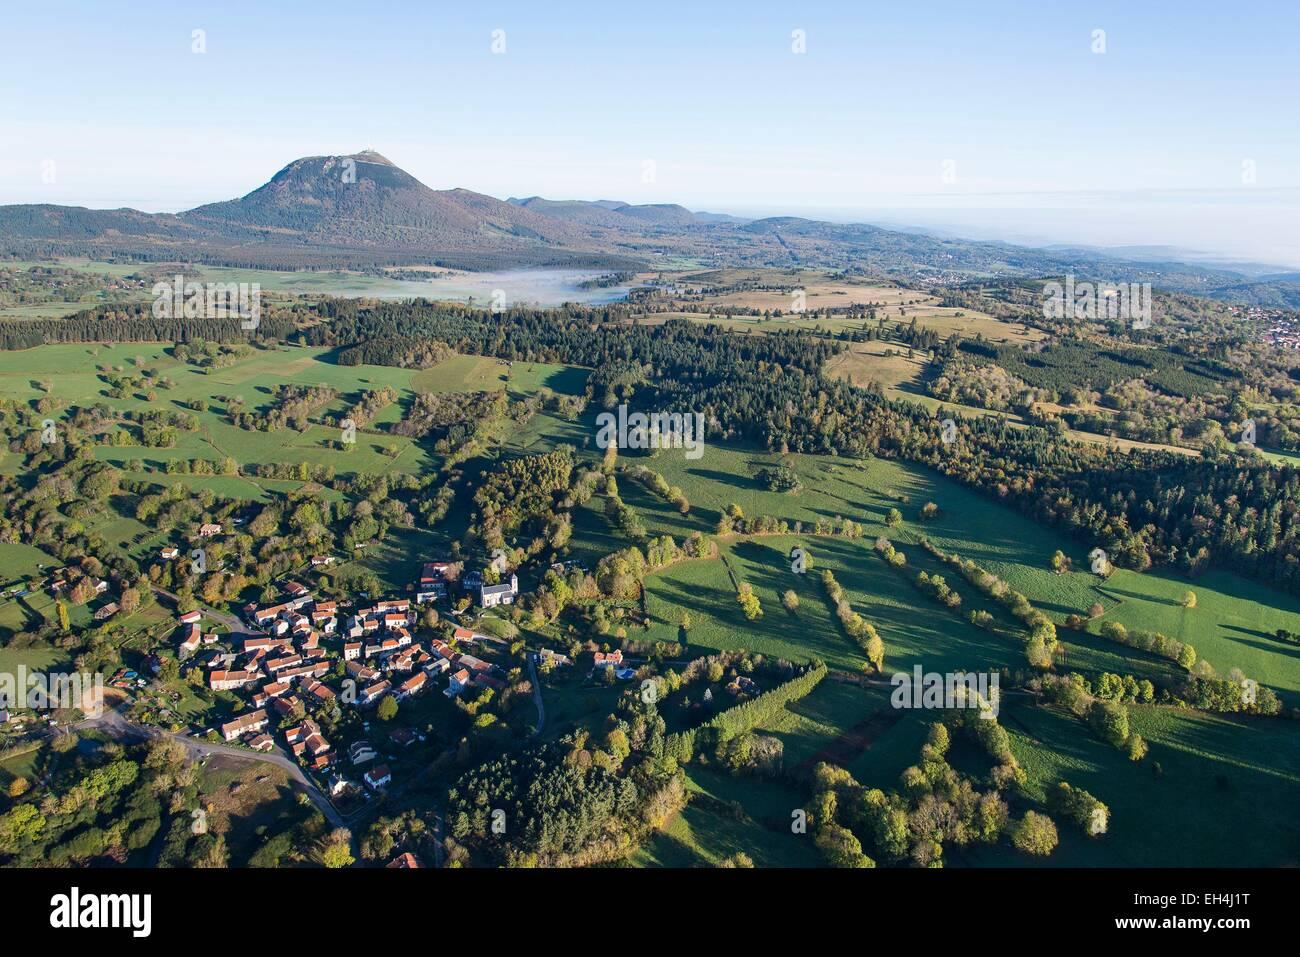 France, Puy de Dome, Beaune, Chaine des Puys, Parc Naturel Regional des Volcans d'Auvergne (Natural regional - Stock Image